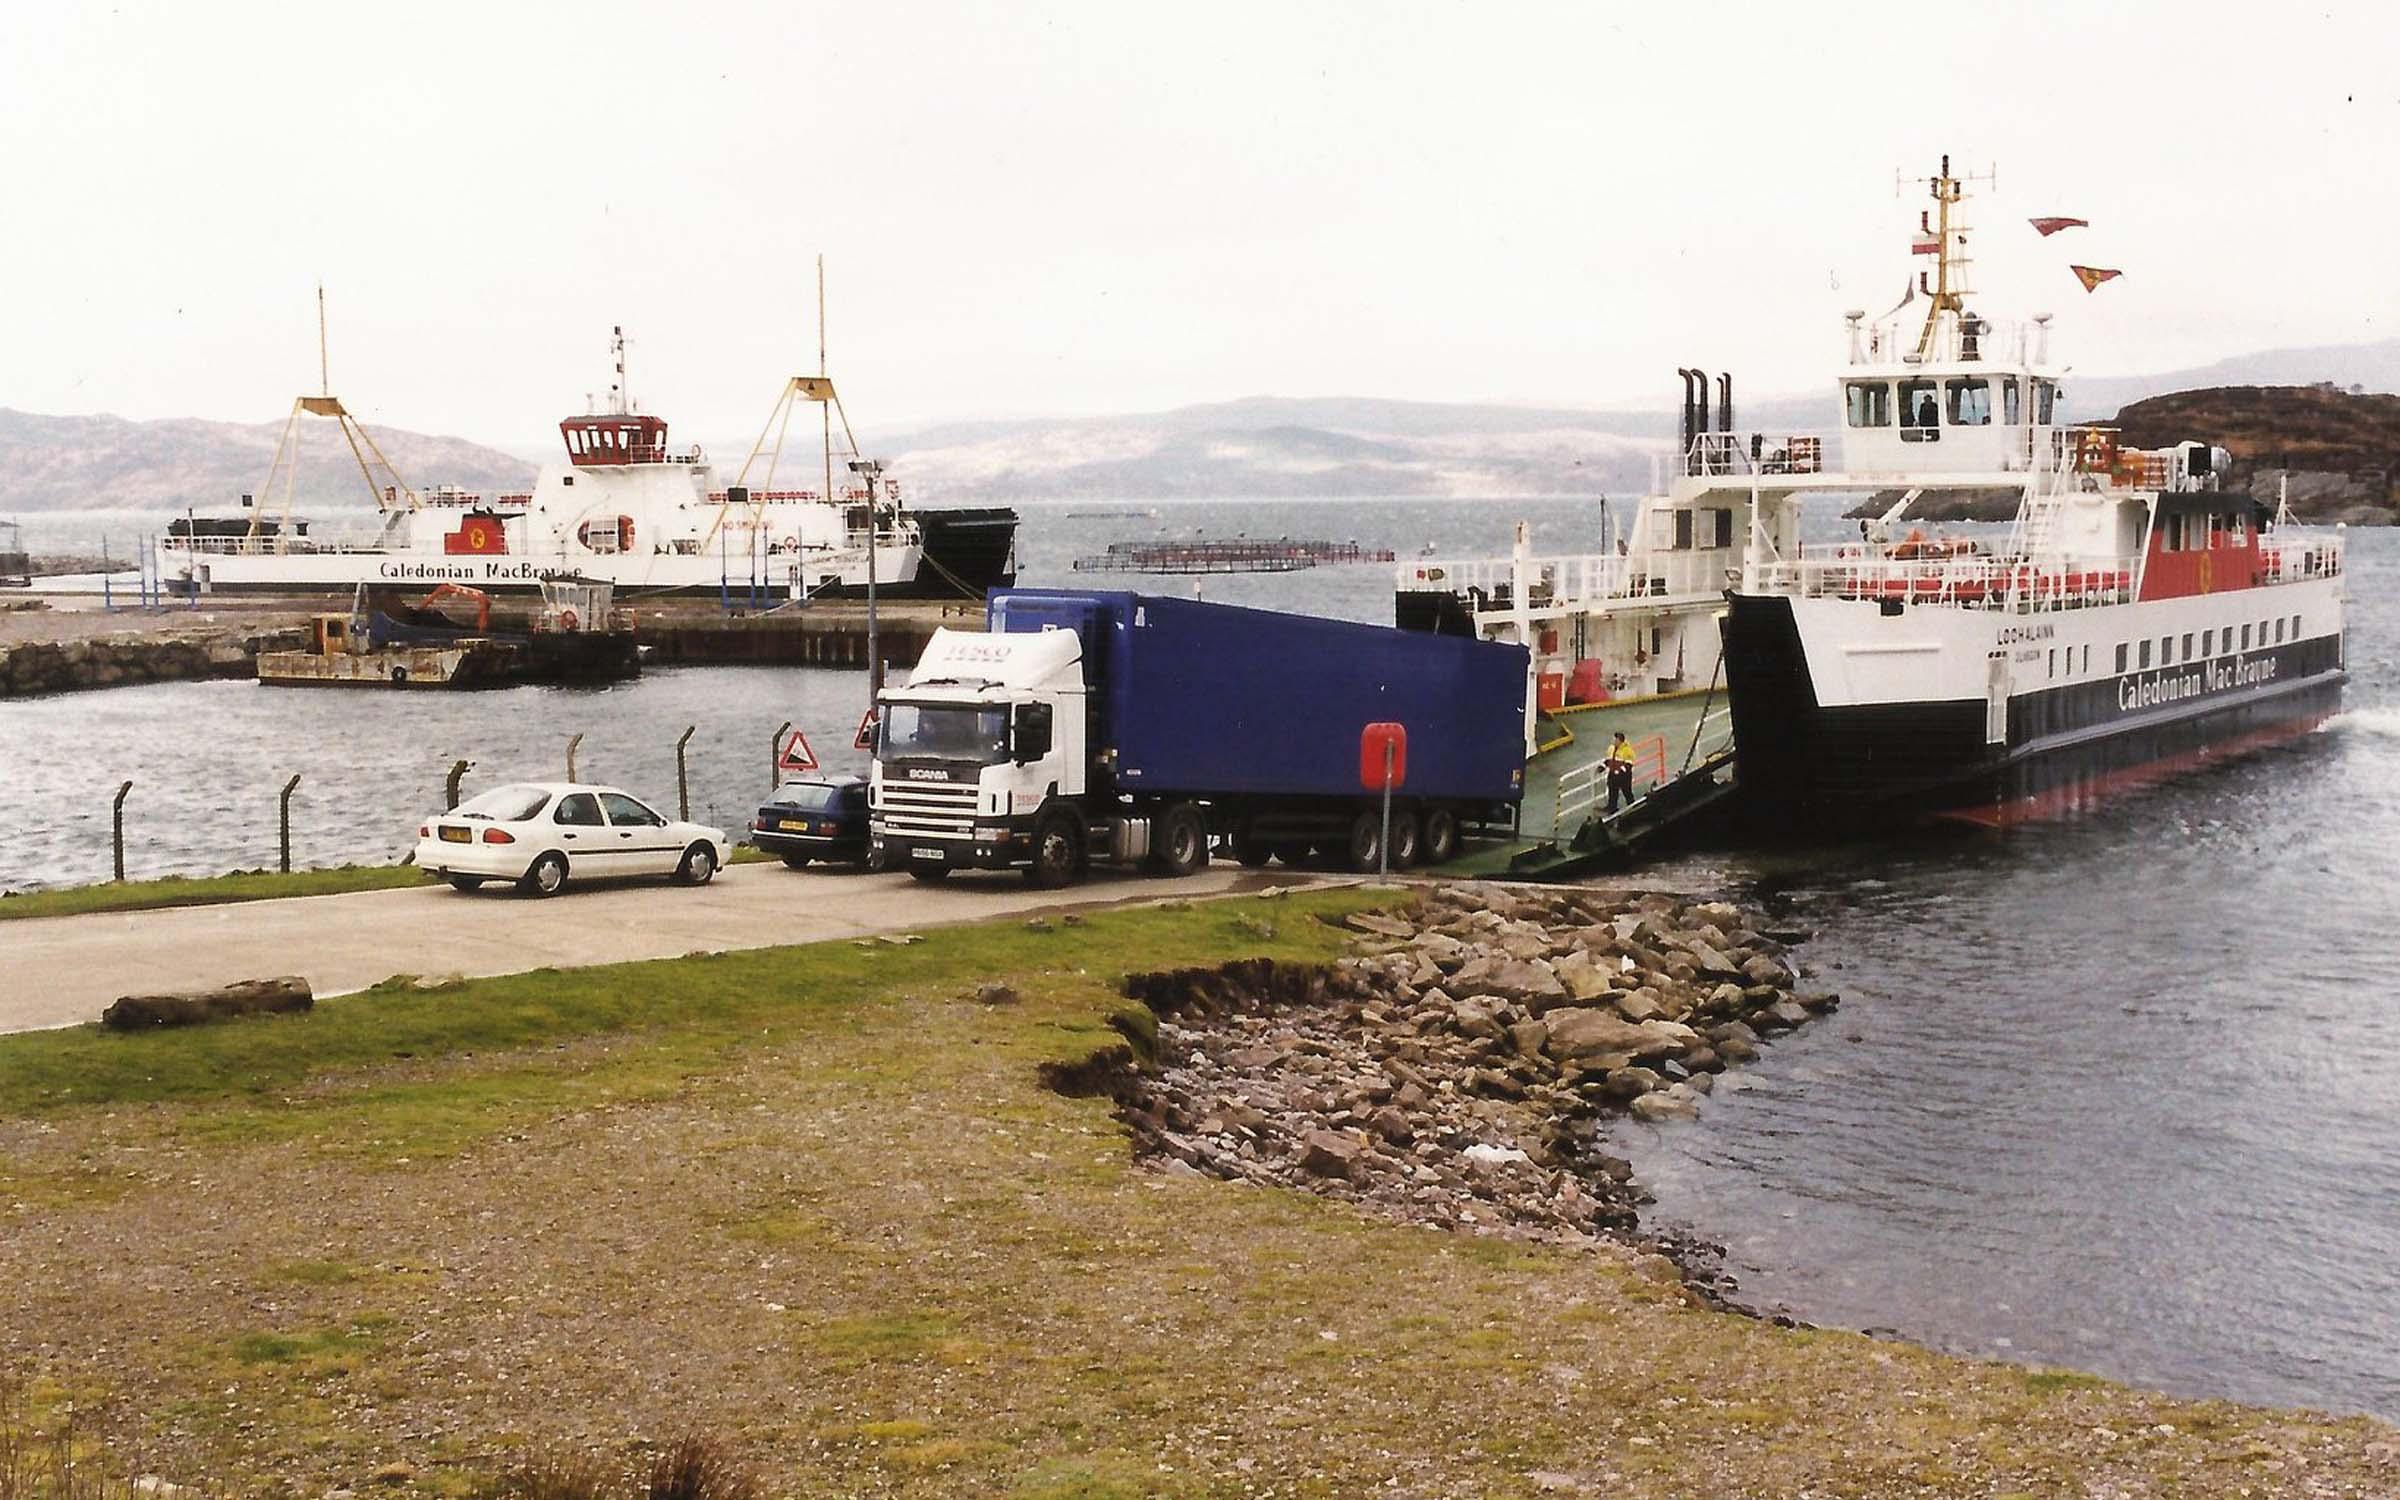 Loch Alainn relieving at Portavadie (Iain McPherson)